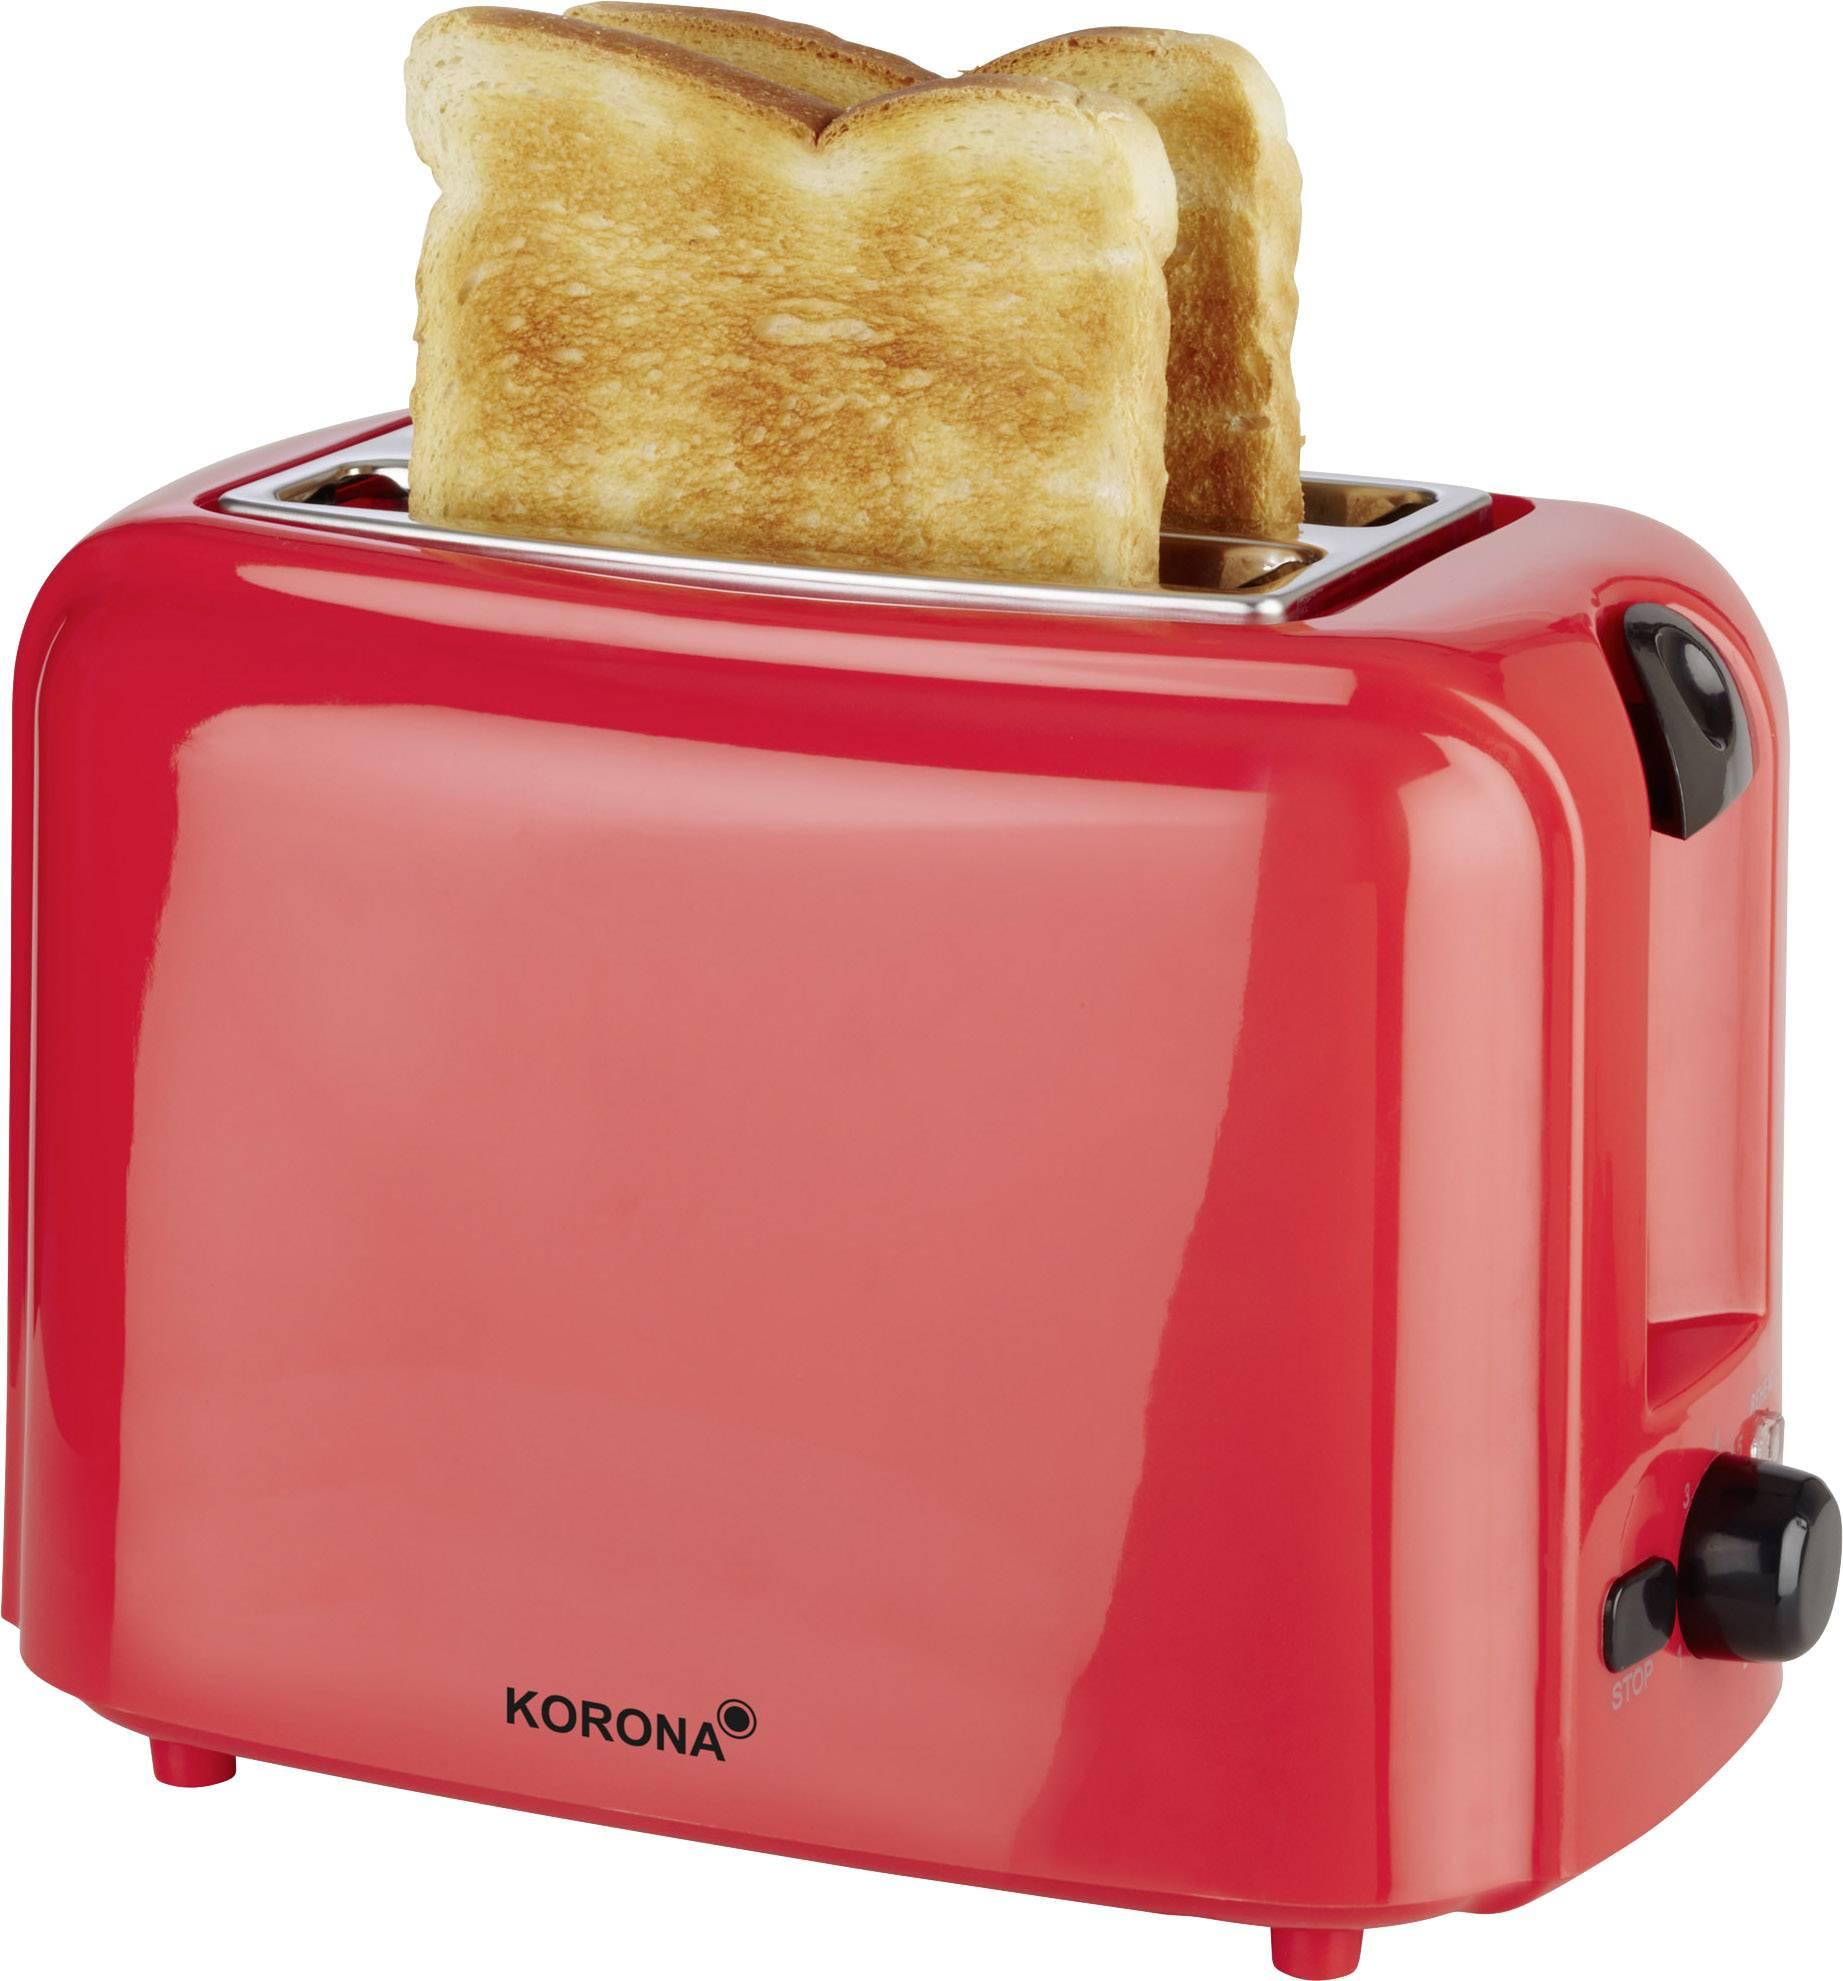 Topinkovač s funkcí ohřívání pečiva Korona 21032, červená